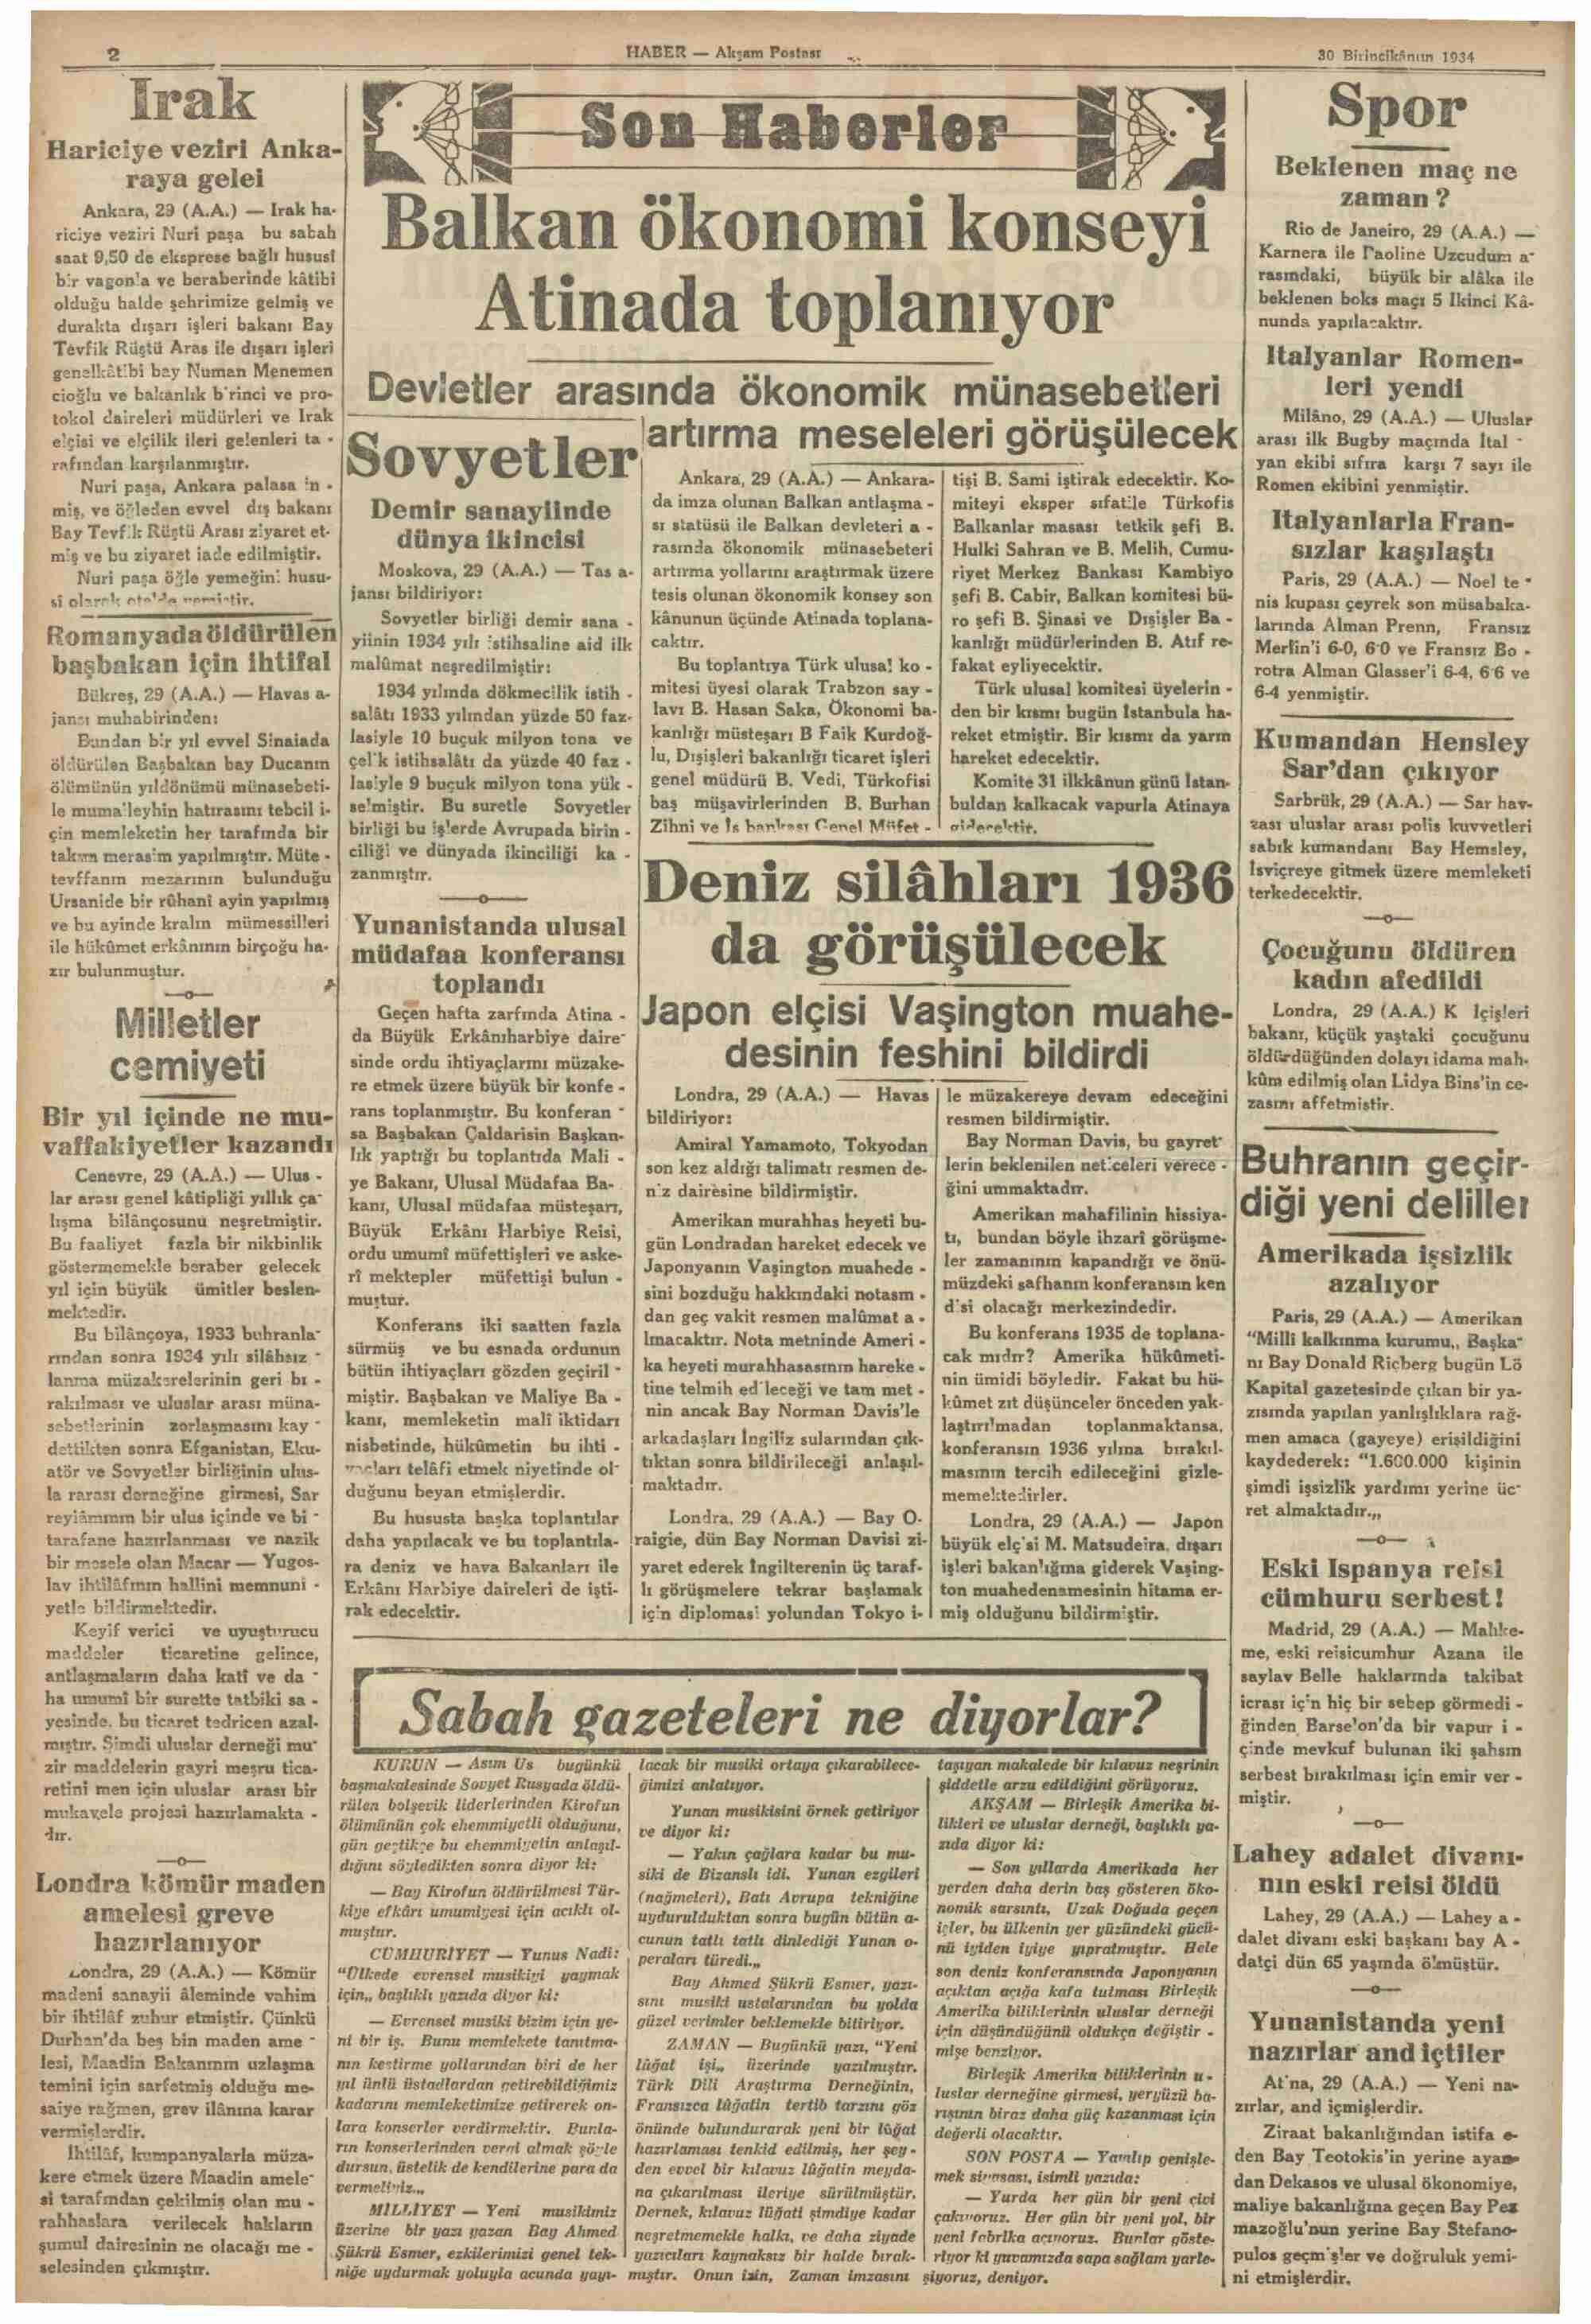 30 Aralık 1934 Tarihli Haber Gazetesi Sayfa 2